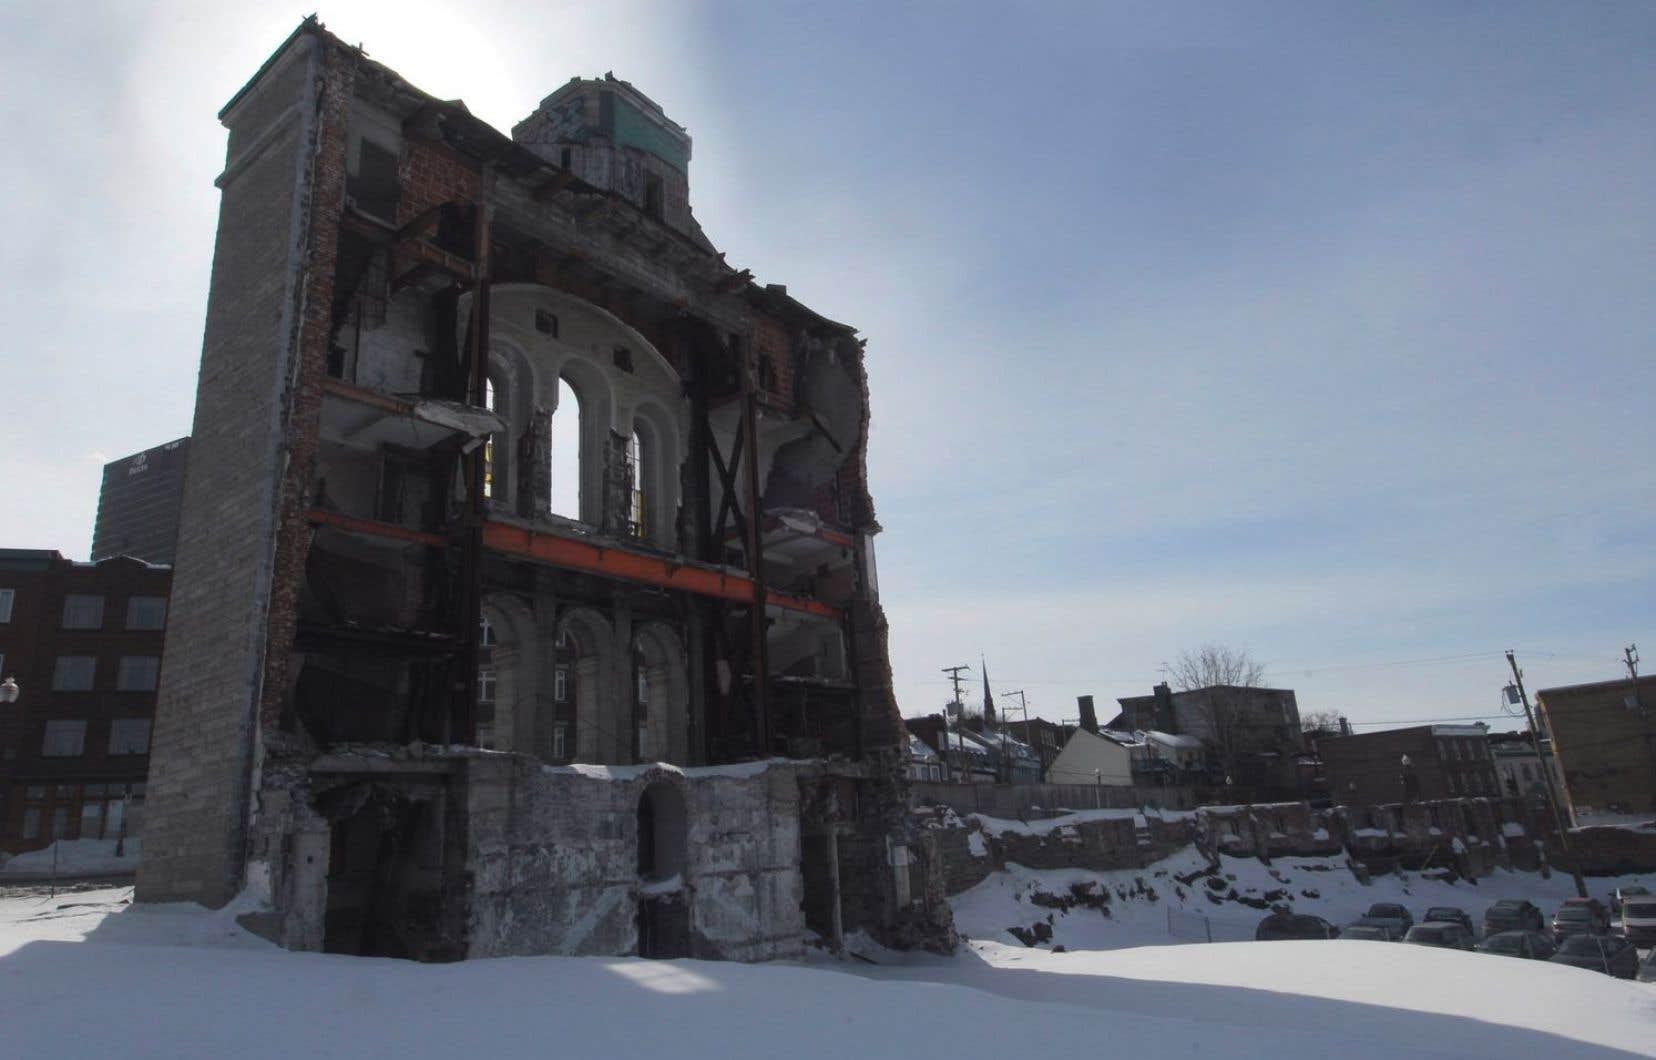 L'îlot Saint-Vincent-de-Paul abritait anciennement le patro du même nom. Il y a dix ans, le bâtiment a été détruit par le groupe Jaro, qui souhaitait y construire un hôtel.